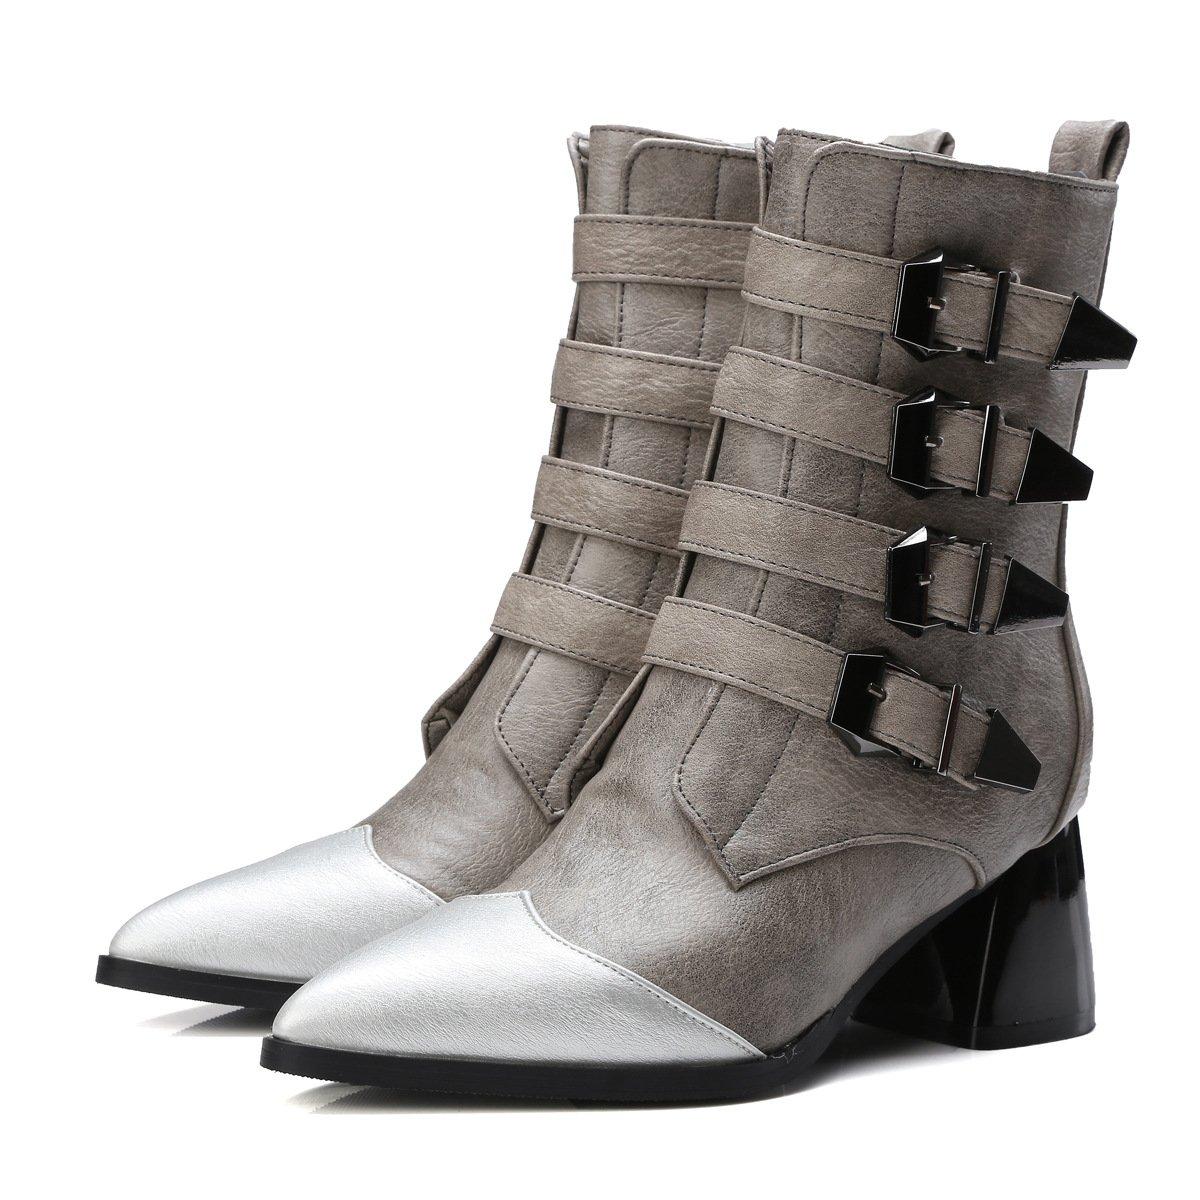 QIN&X Damens's Stiefel Block Heel Schuhe kurze Ankle Stiefel Damens's Schuhe Große GrößeGrau 0f1325